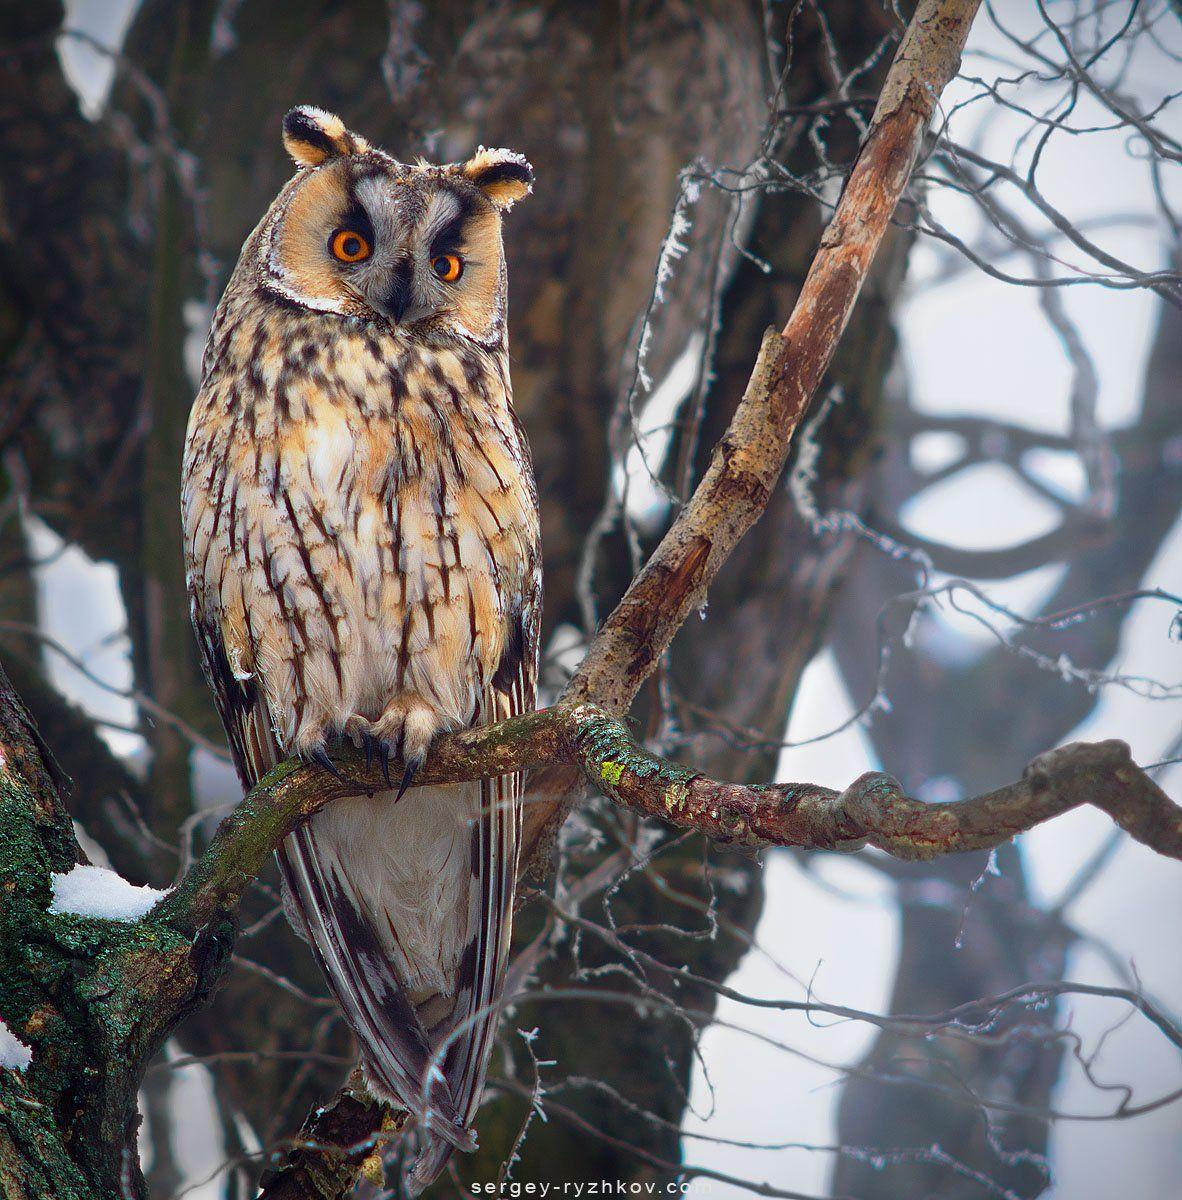 ушастая сова, сова, птицы, природа, birds, owl, wildlife, nature, animals, Сергей Рыжков